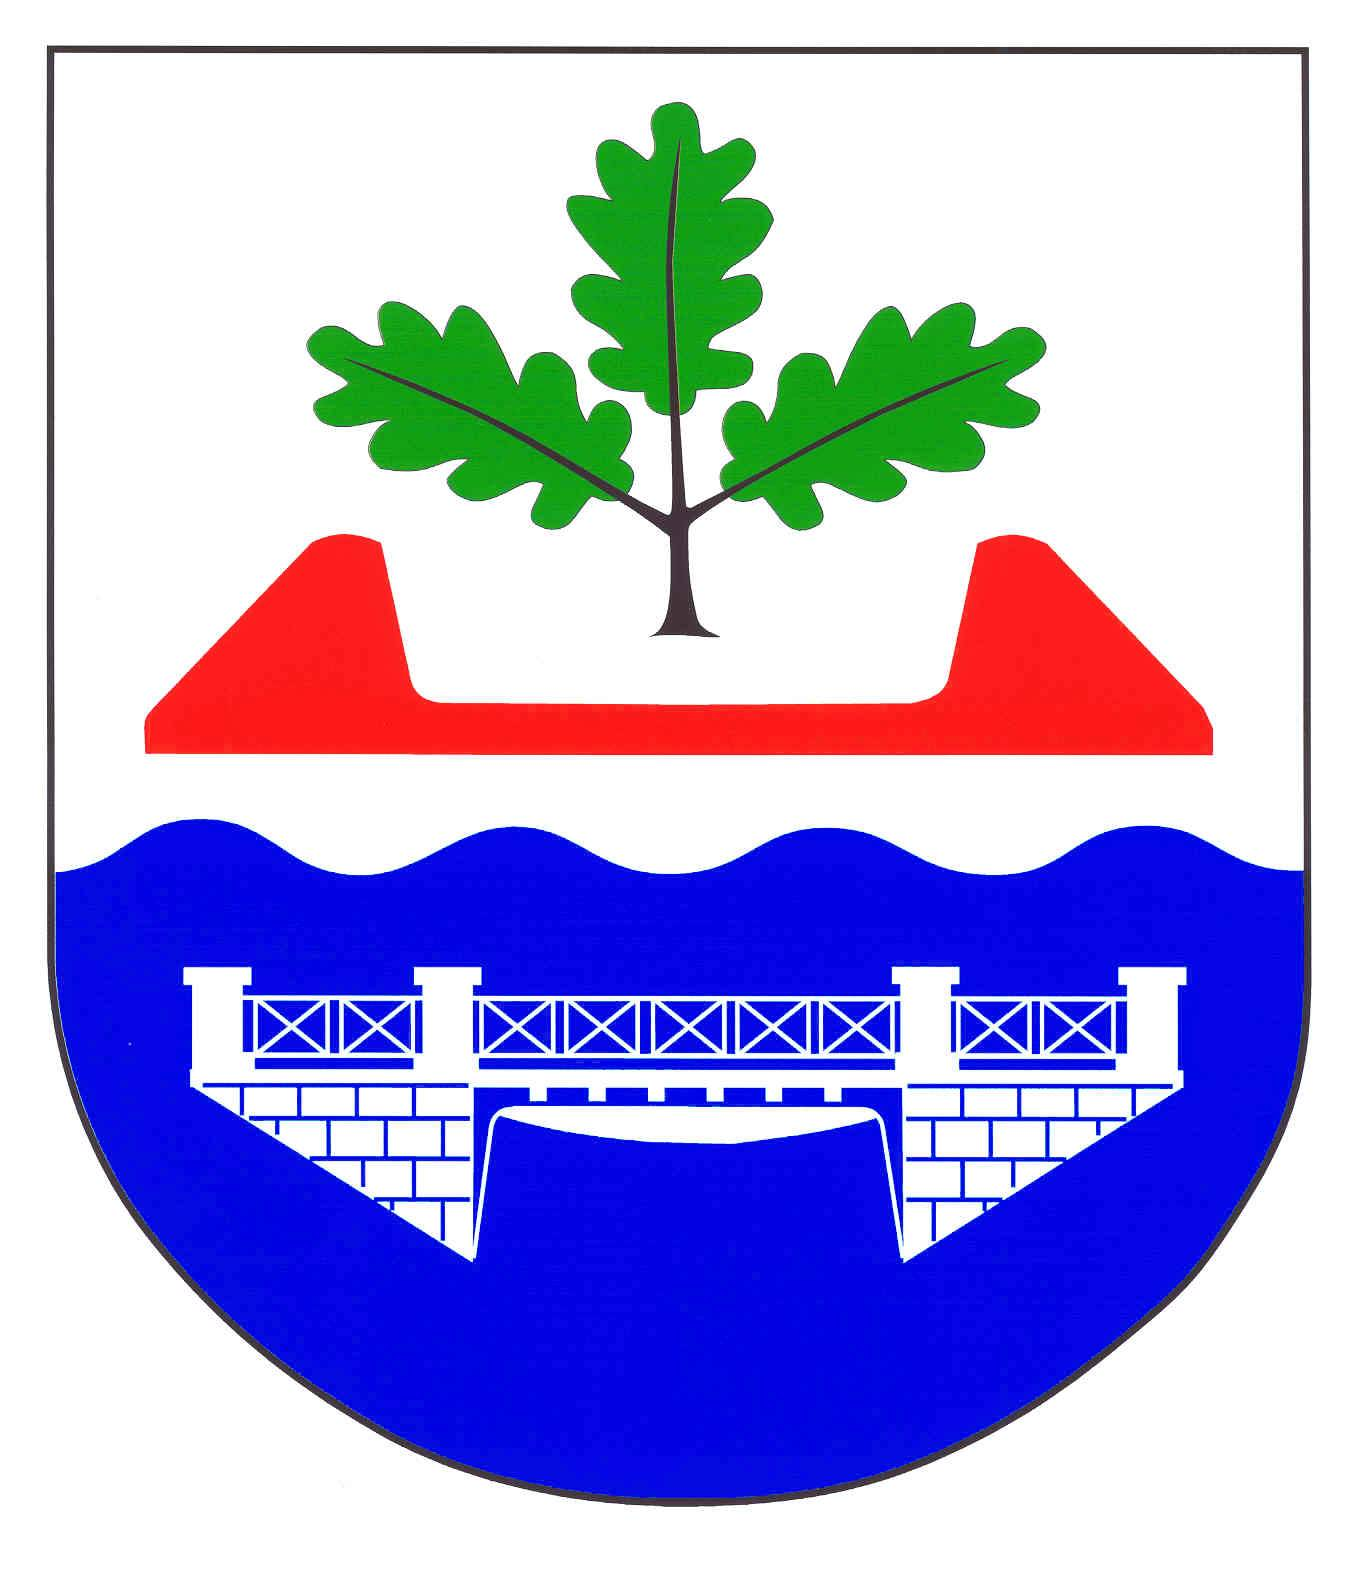 Wappen GemeindeKaaks, Kreis Steinburg